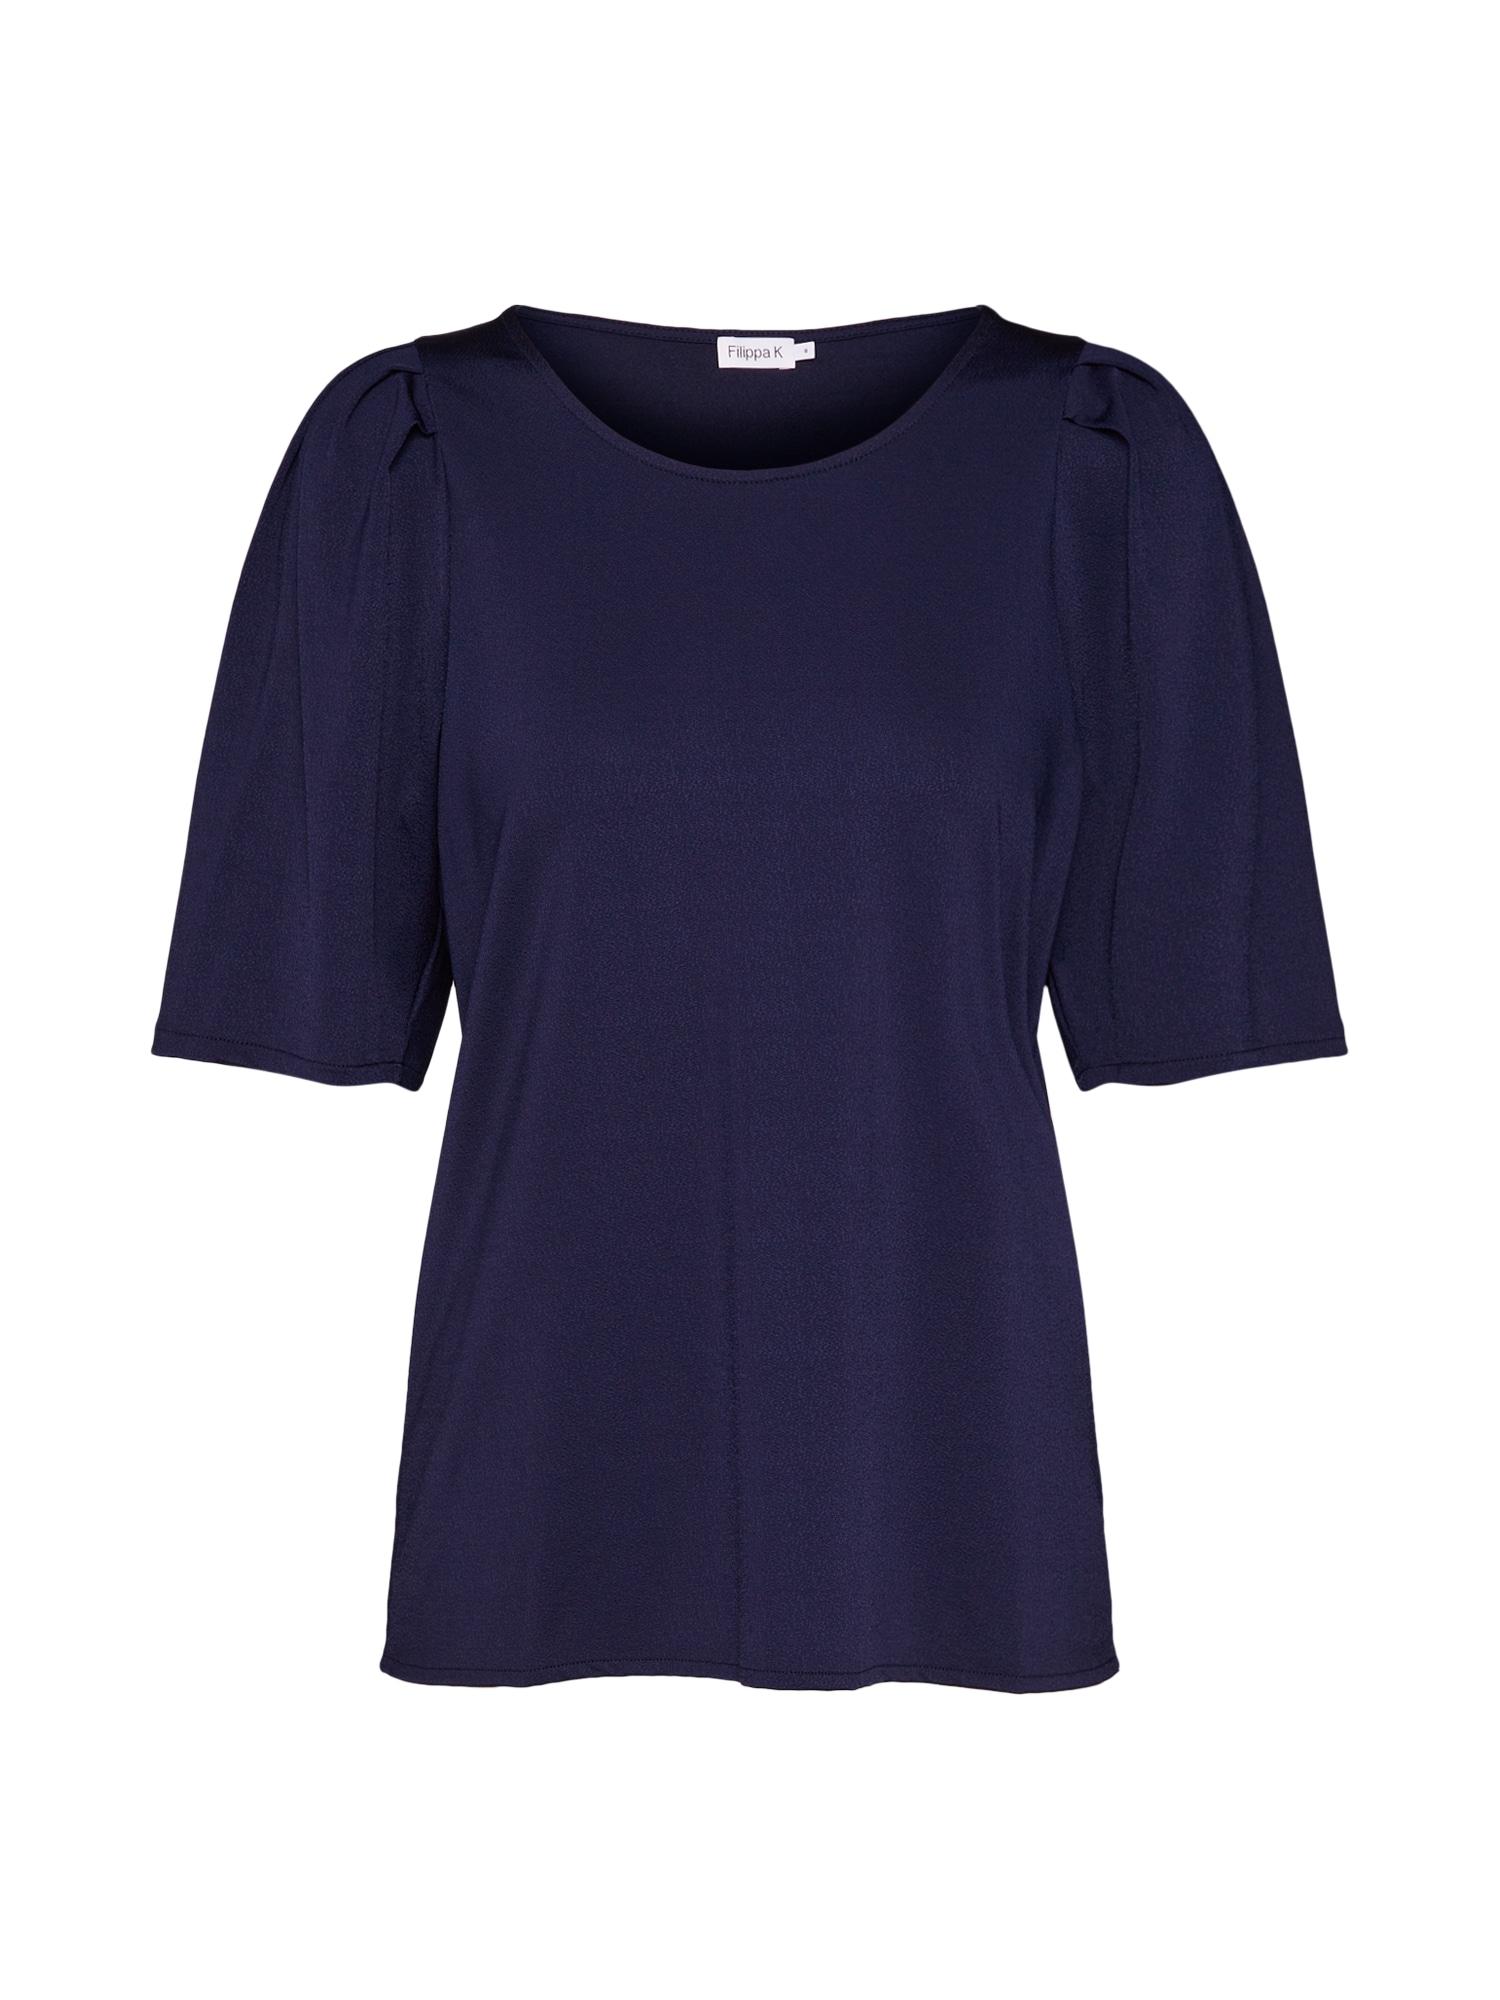 Tričko Pleat Top námořnická modř Filippa K